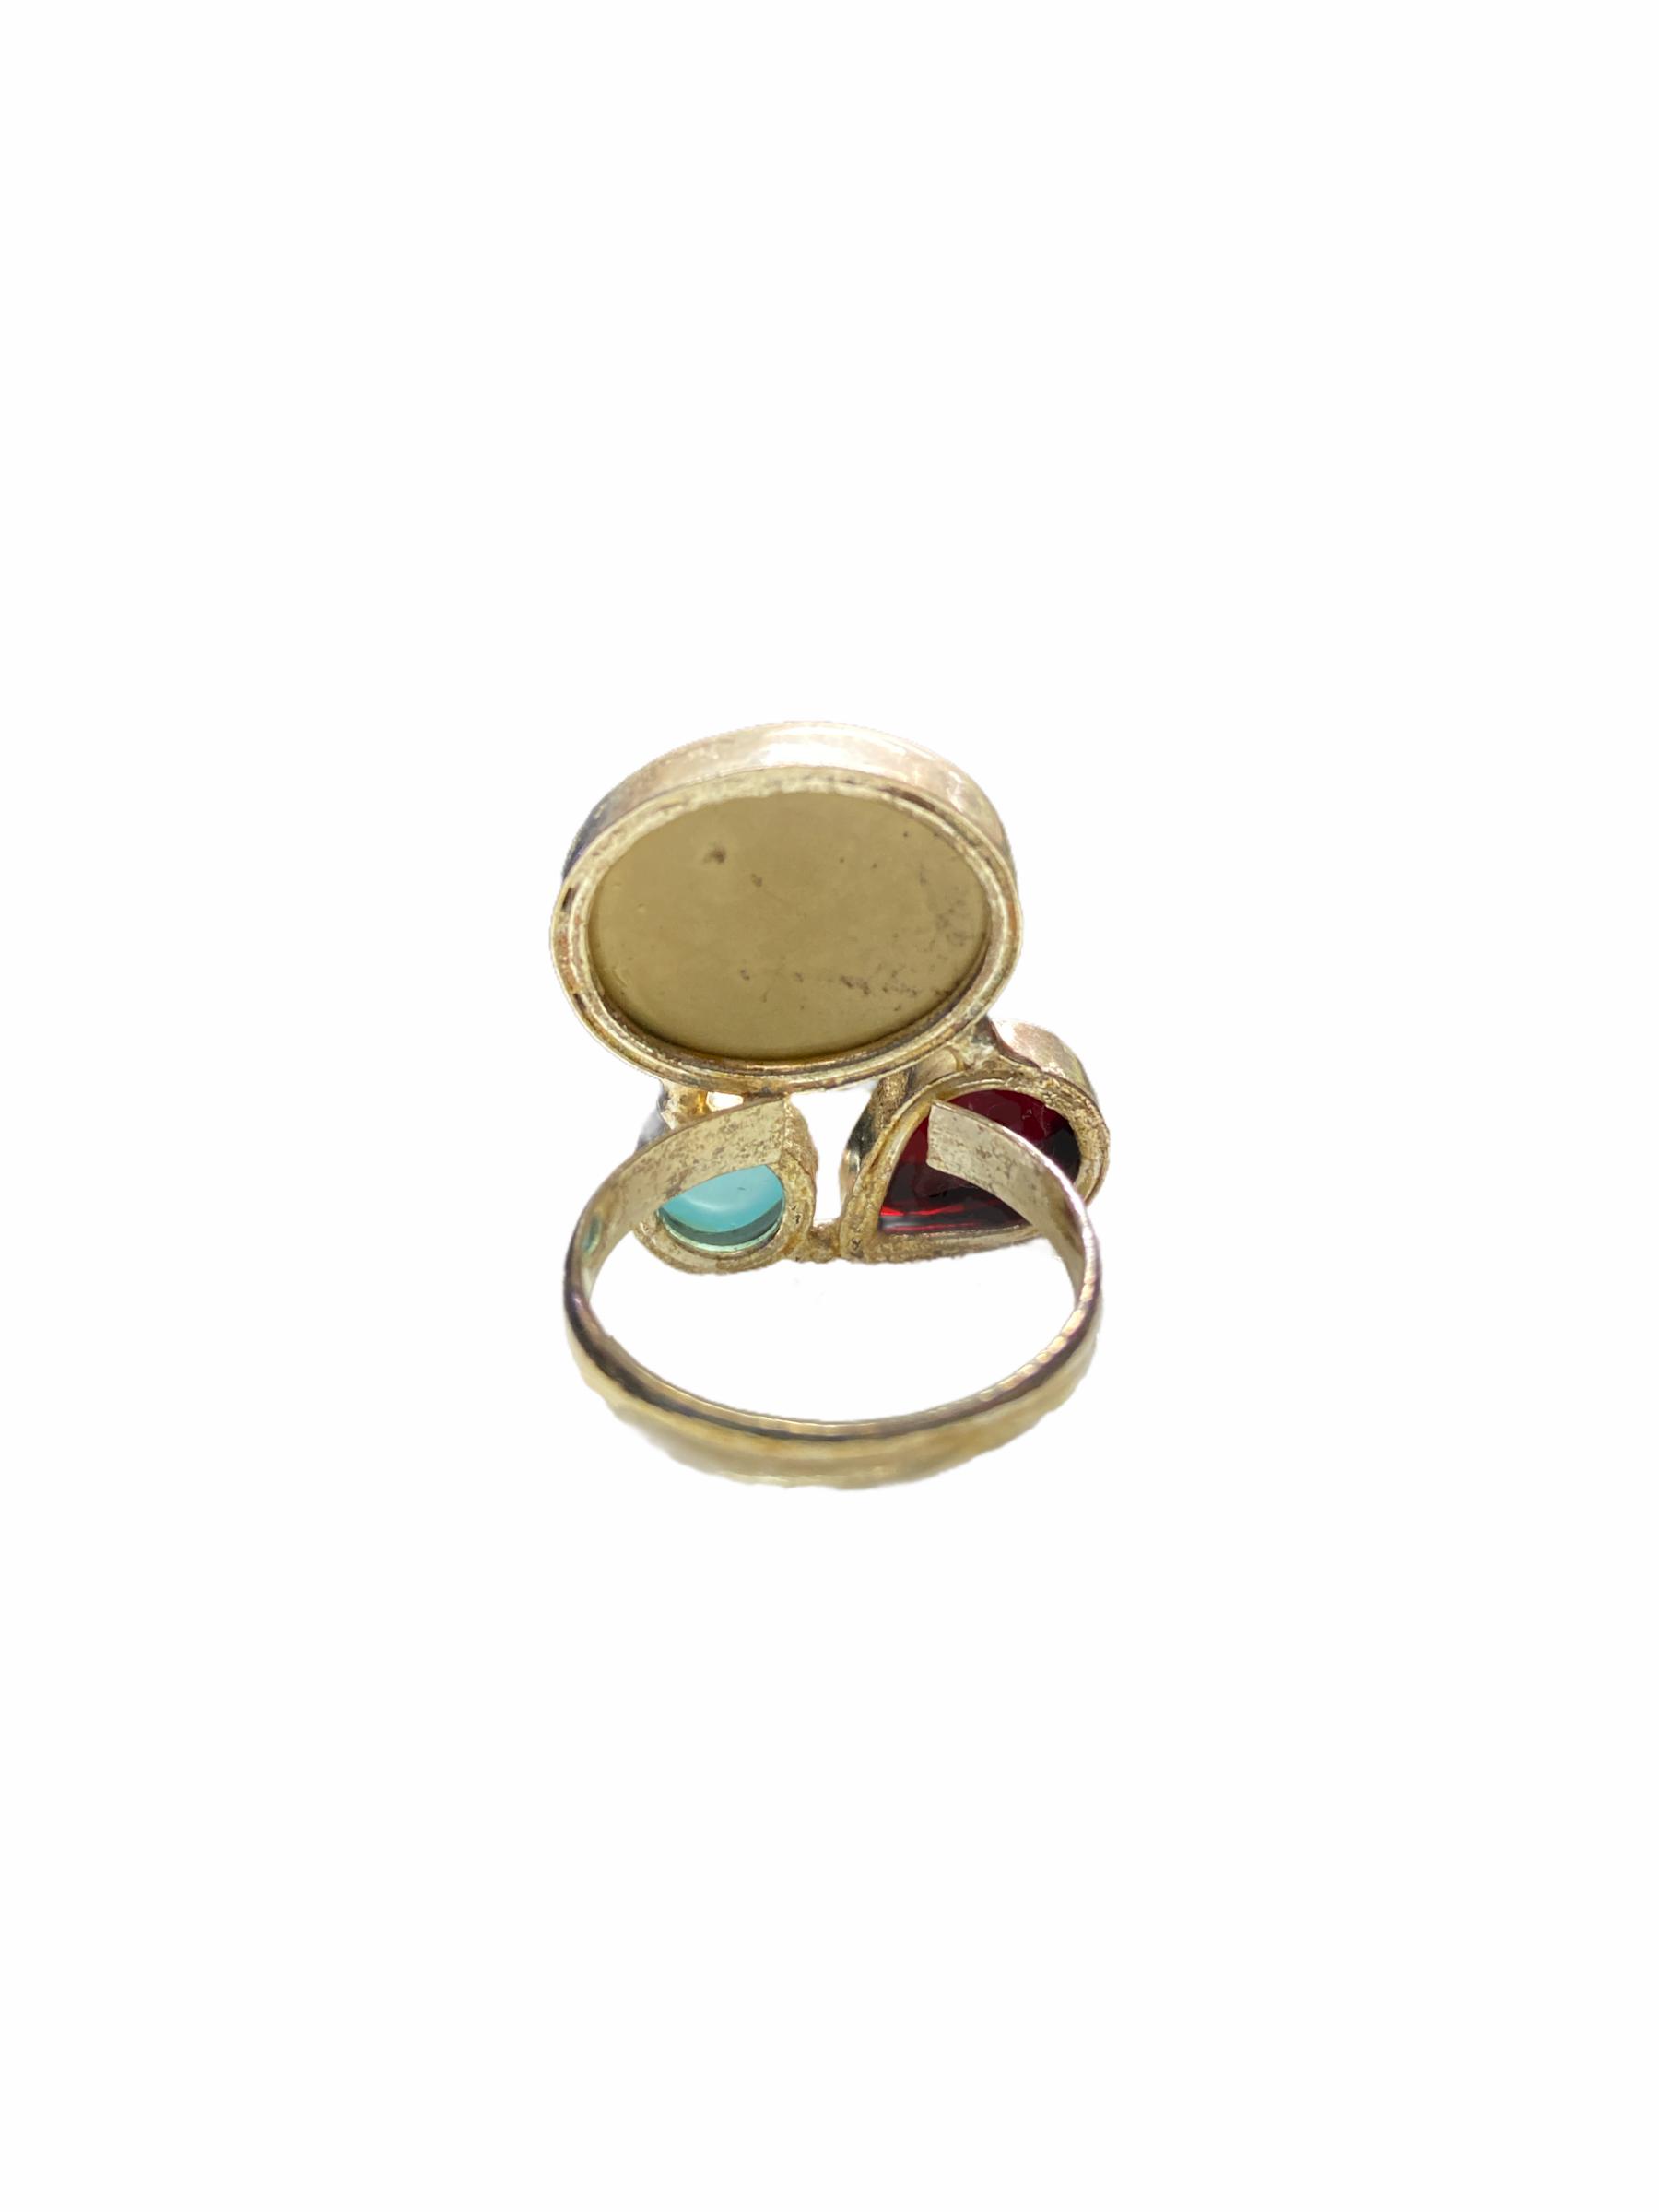 Δαχτυλίδι Χειροποίητο Με Κρύσταλλο-Οπάλιο-Ίασπι Σε Χρώμα Ασημί